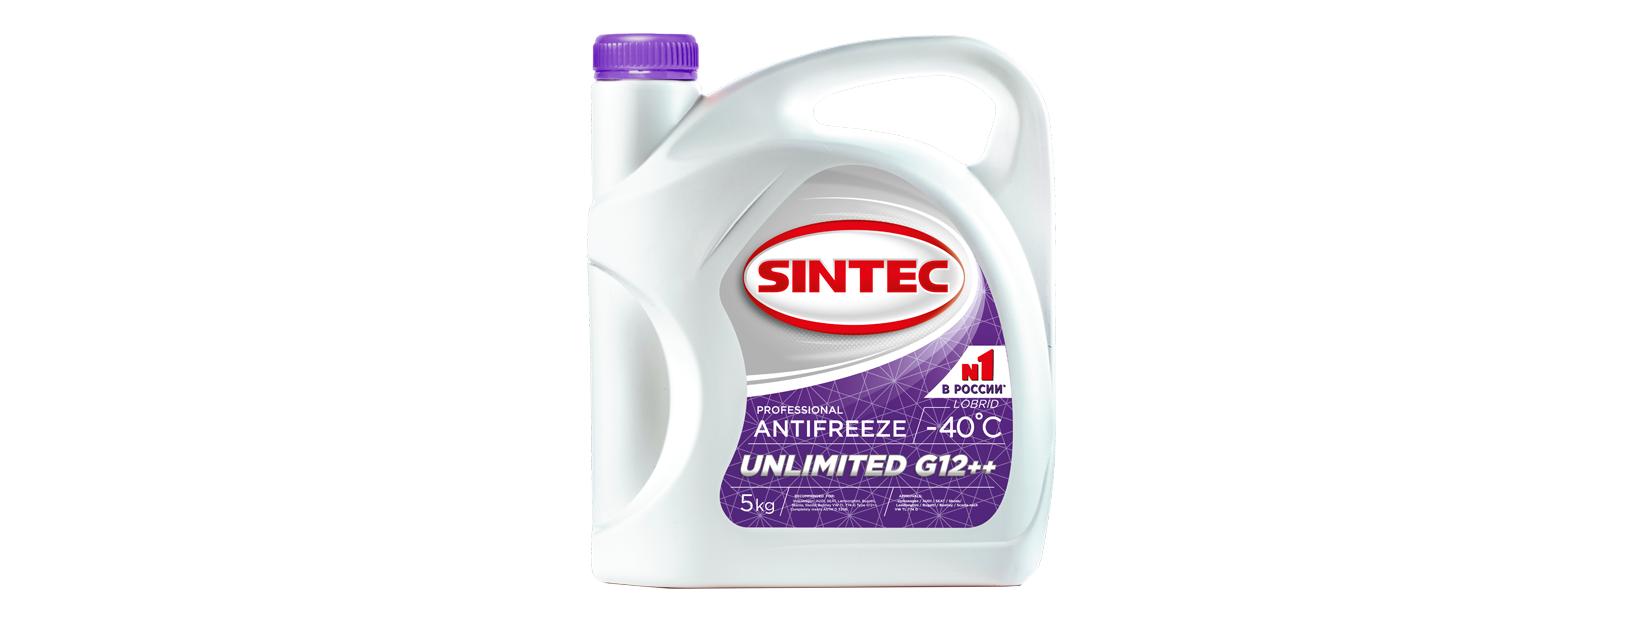 Фиолетовый антифриз G12++